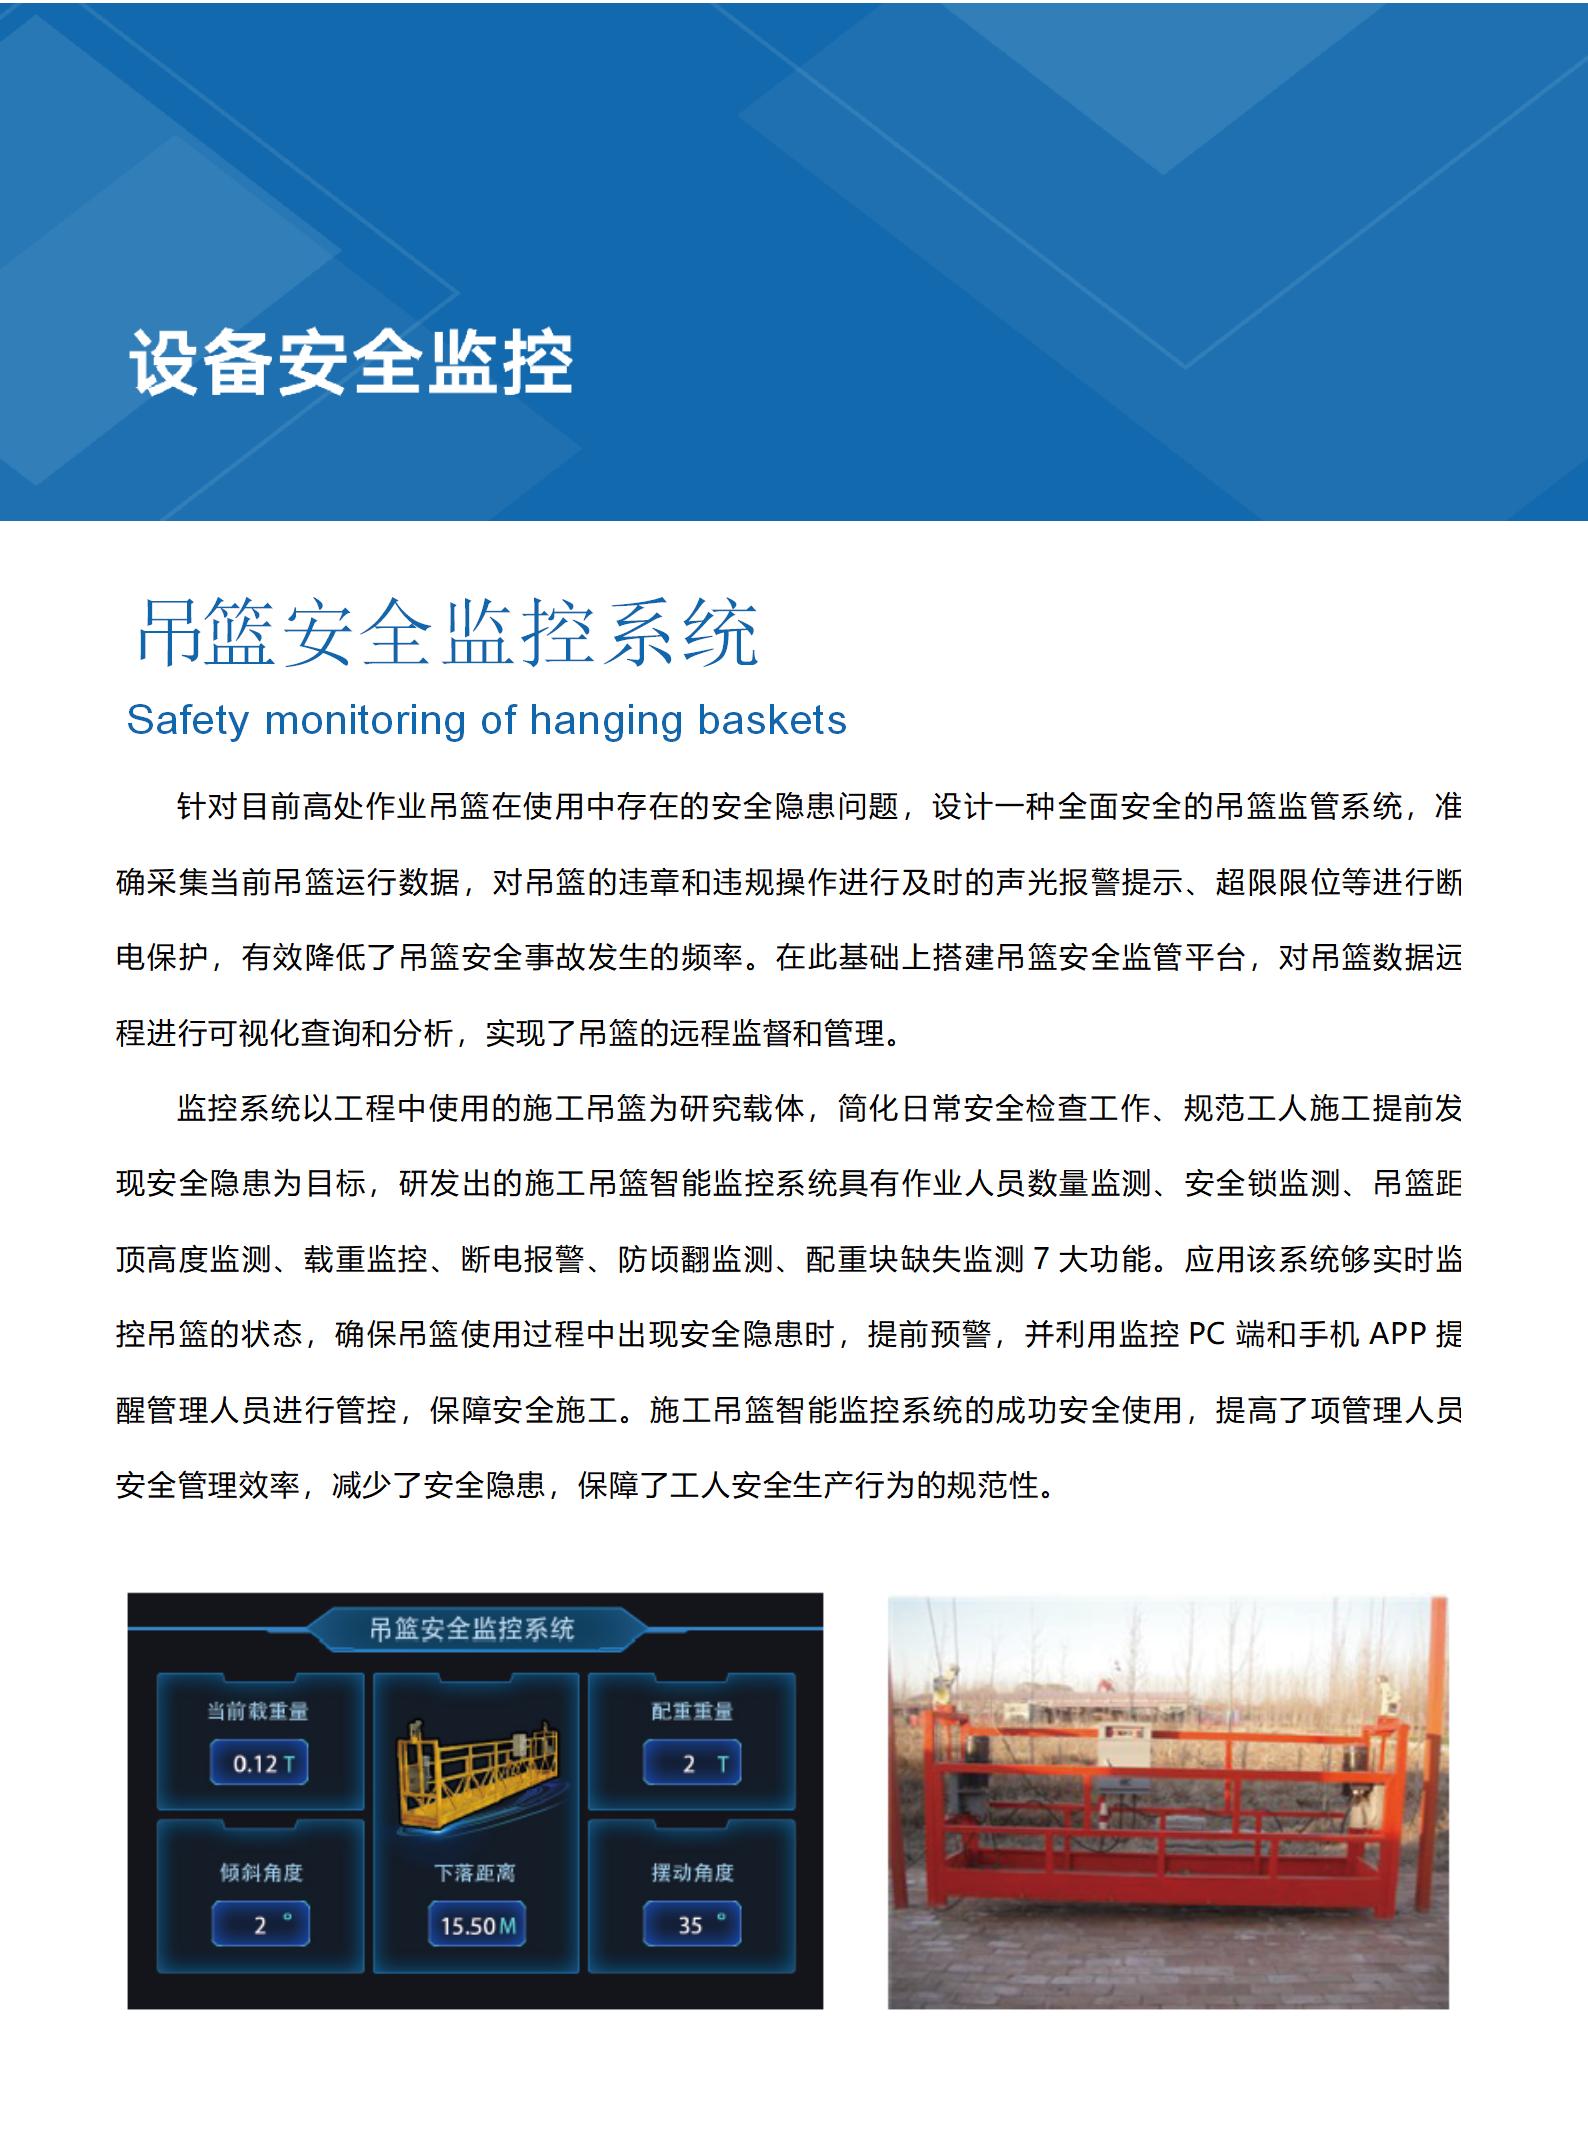 广州建安智慧信息技术有限公司产品宣传资料(2)_17.png